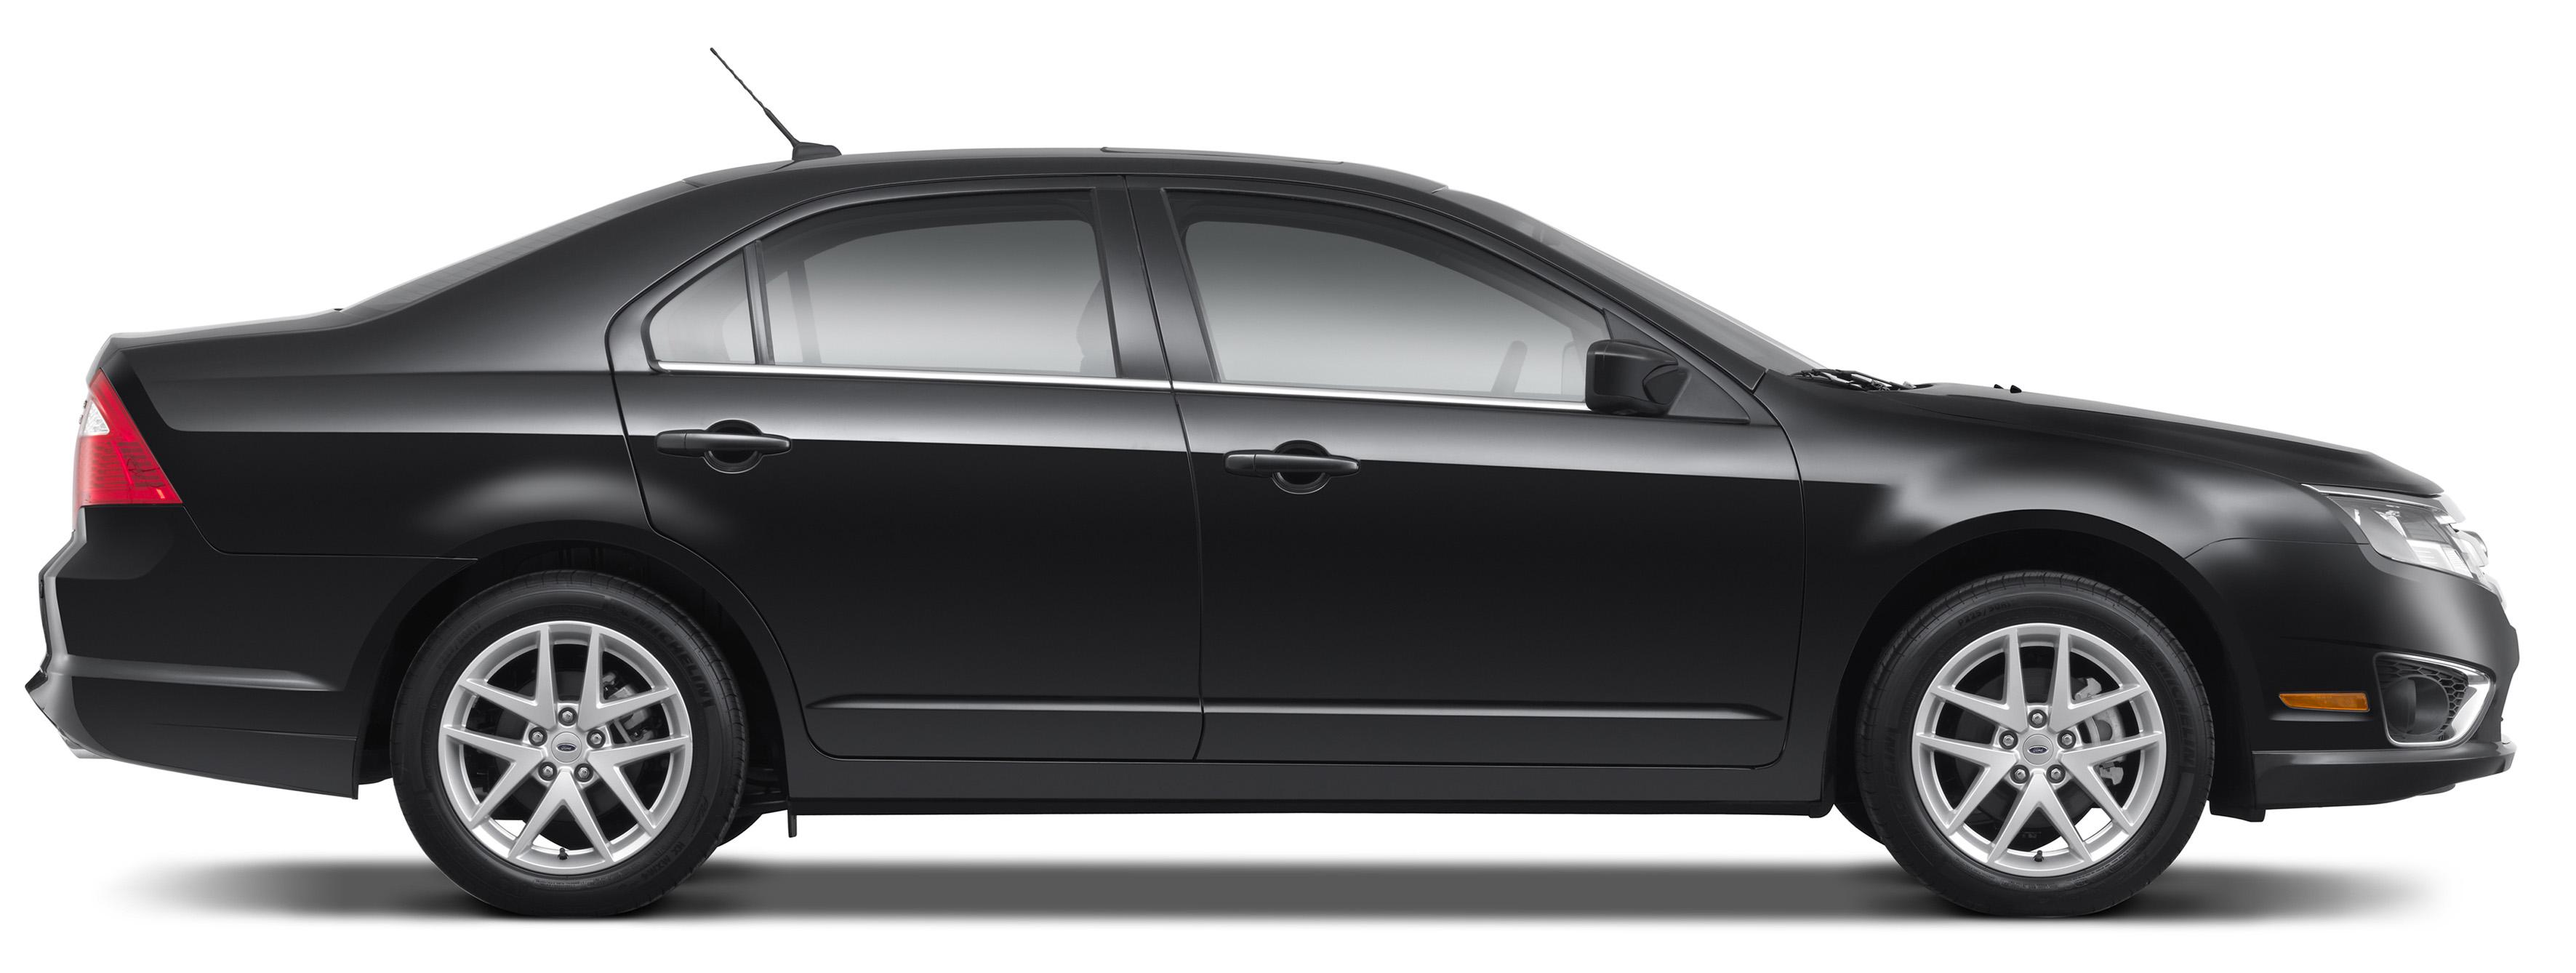 Ford Fusion 2009 >> Ford apresenta Fusion 2010, com preços partindo de R$ 84.900 – ALL THE CARS